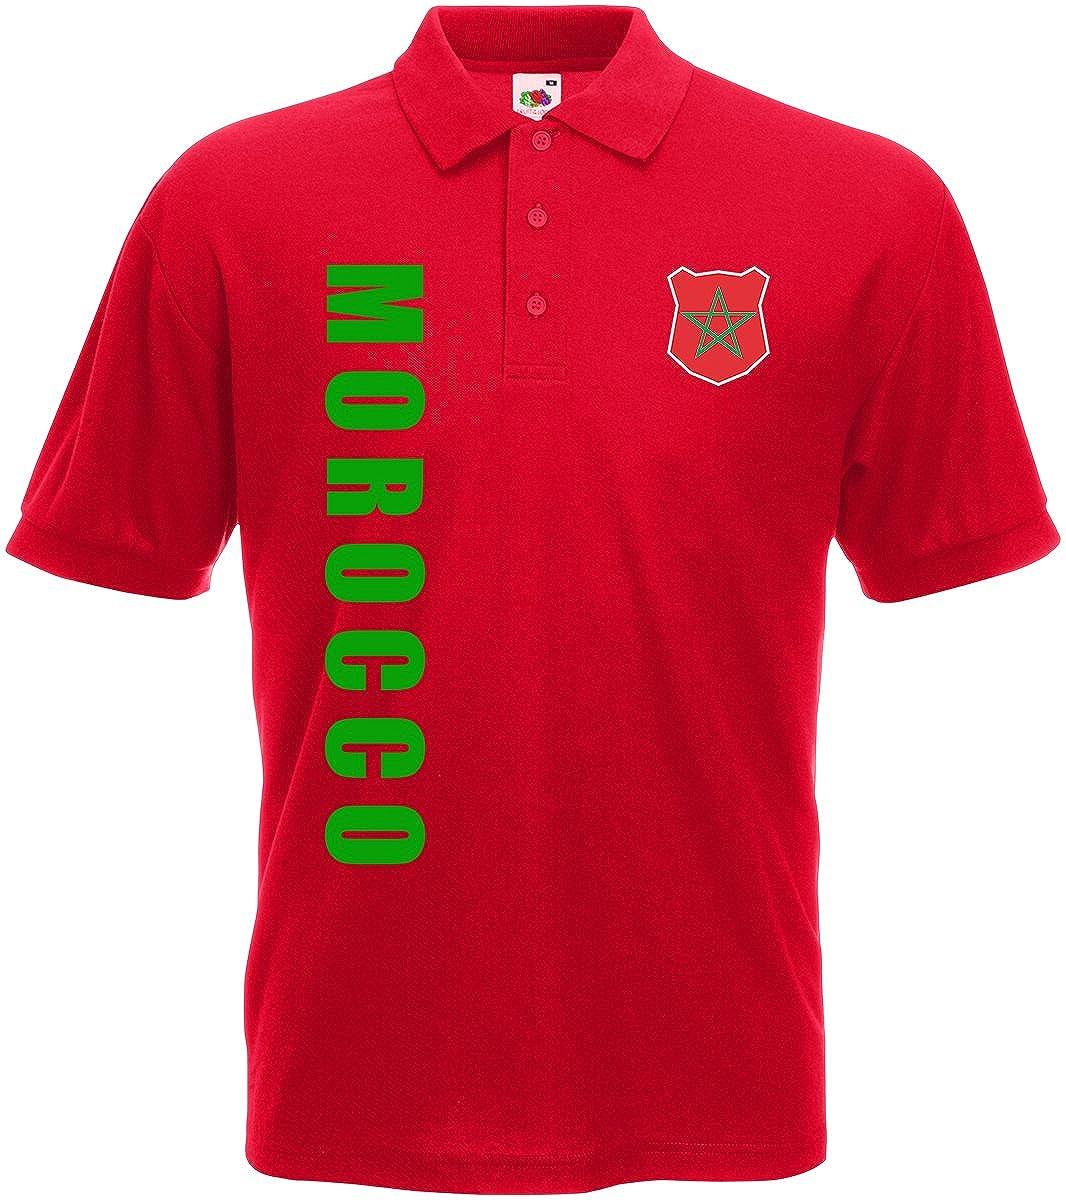 Marokko Morocco Polo-Shirt Trikot Wunschname Wunschnummer